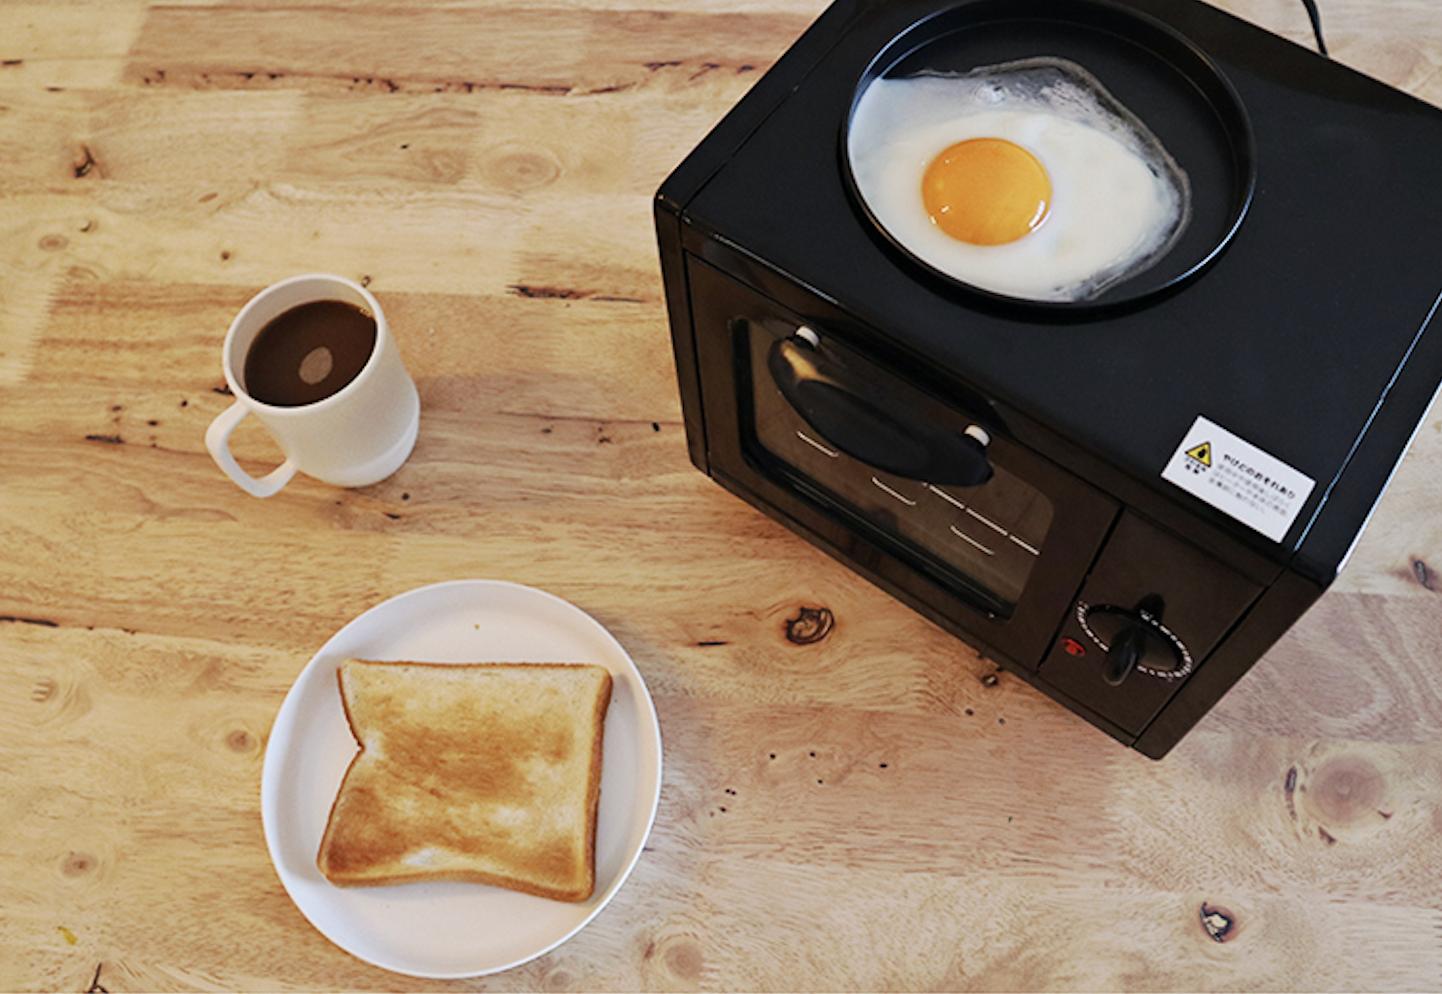 トースターで目玉焼き!?「天空の城 ラピュタパン」が簡単に作れる話題商品の評判は?